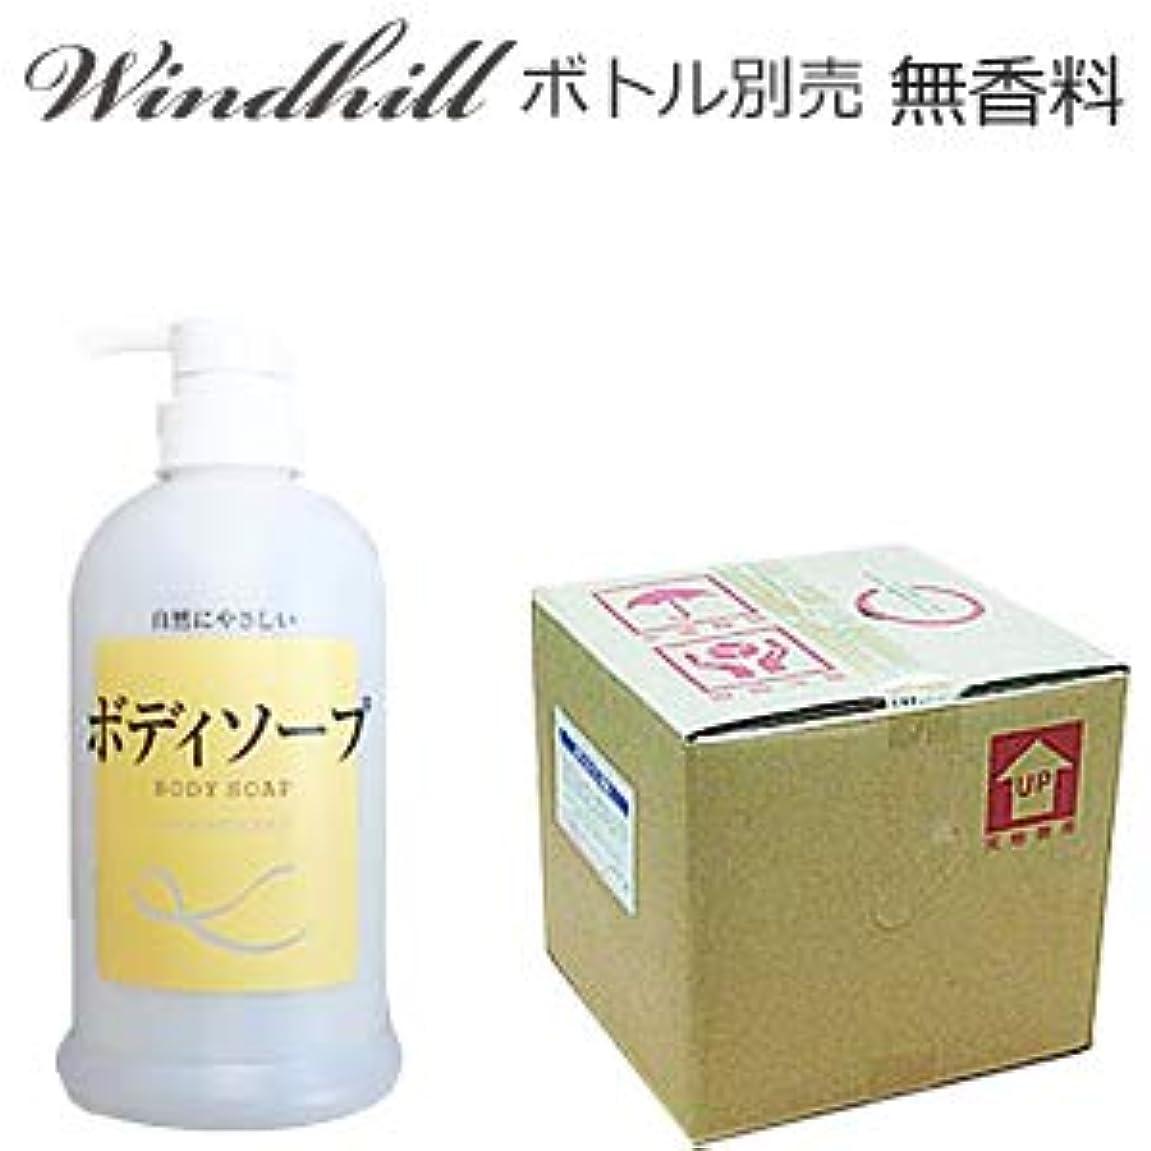 癌見かけ上広まったWindhill 植物性 業務用ボディソープ 無香料 20L(1セット20L入)